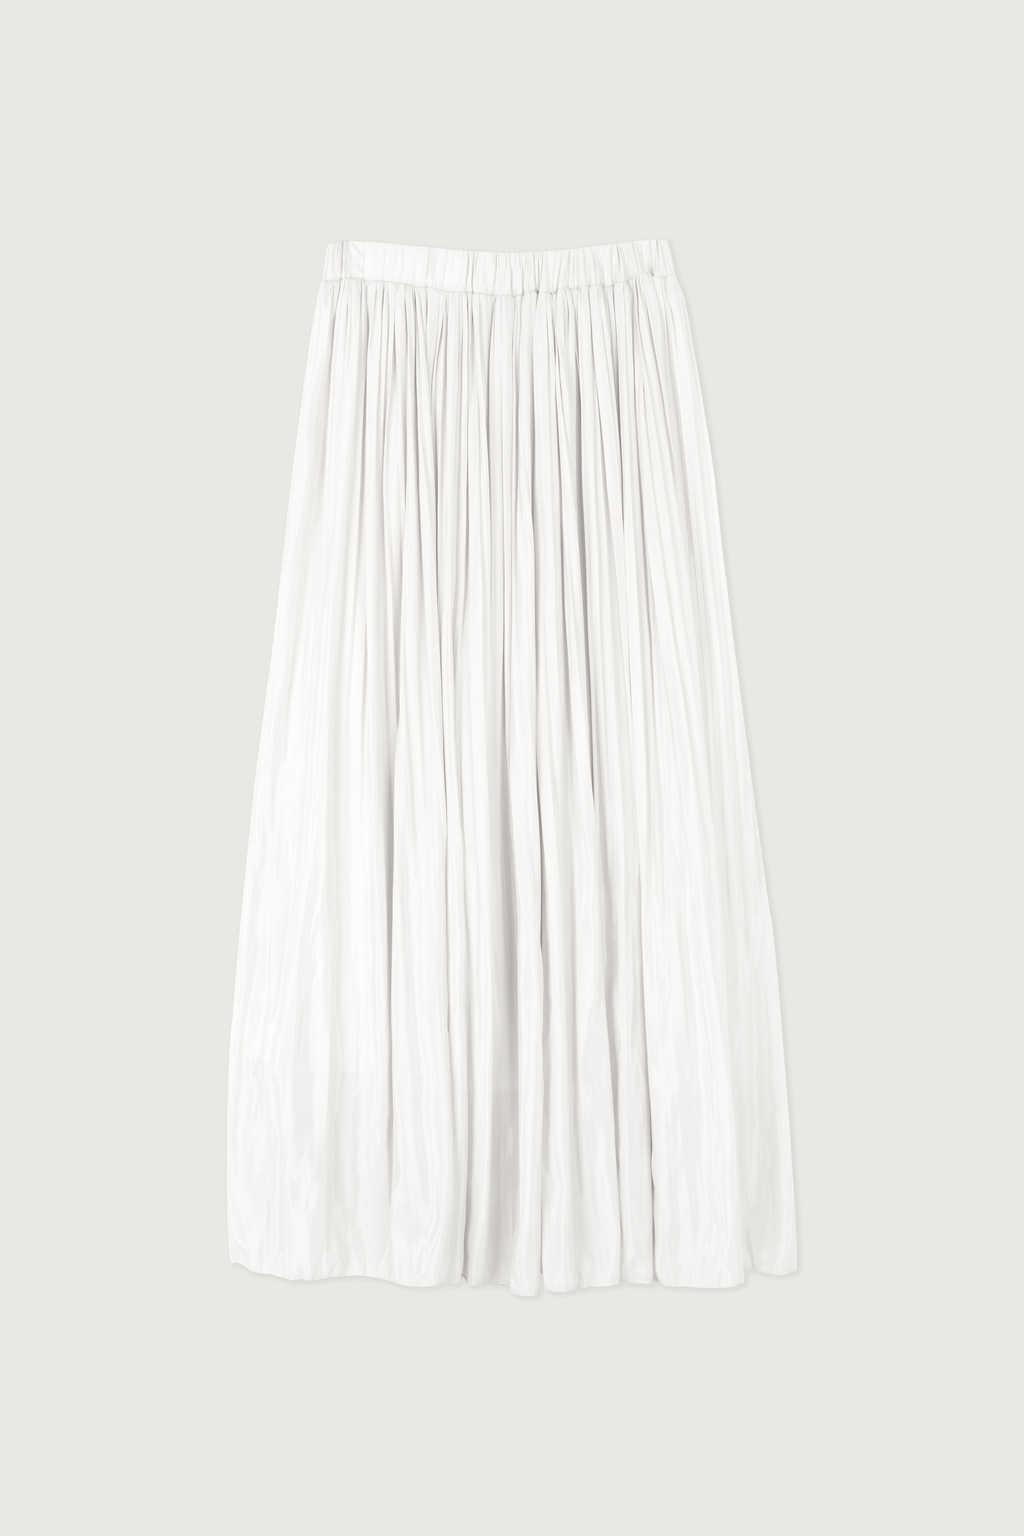 Skirt K015 White 7